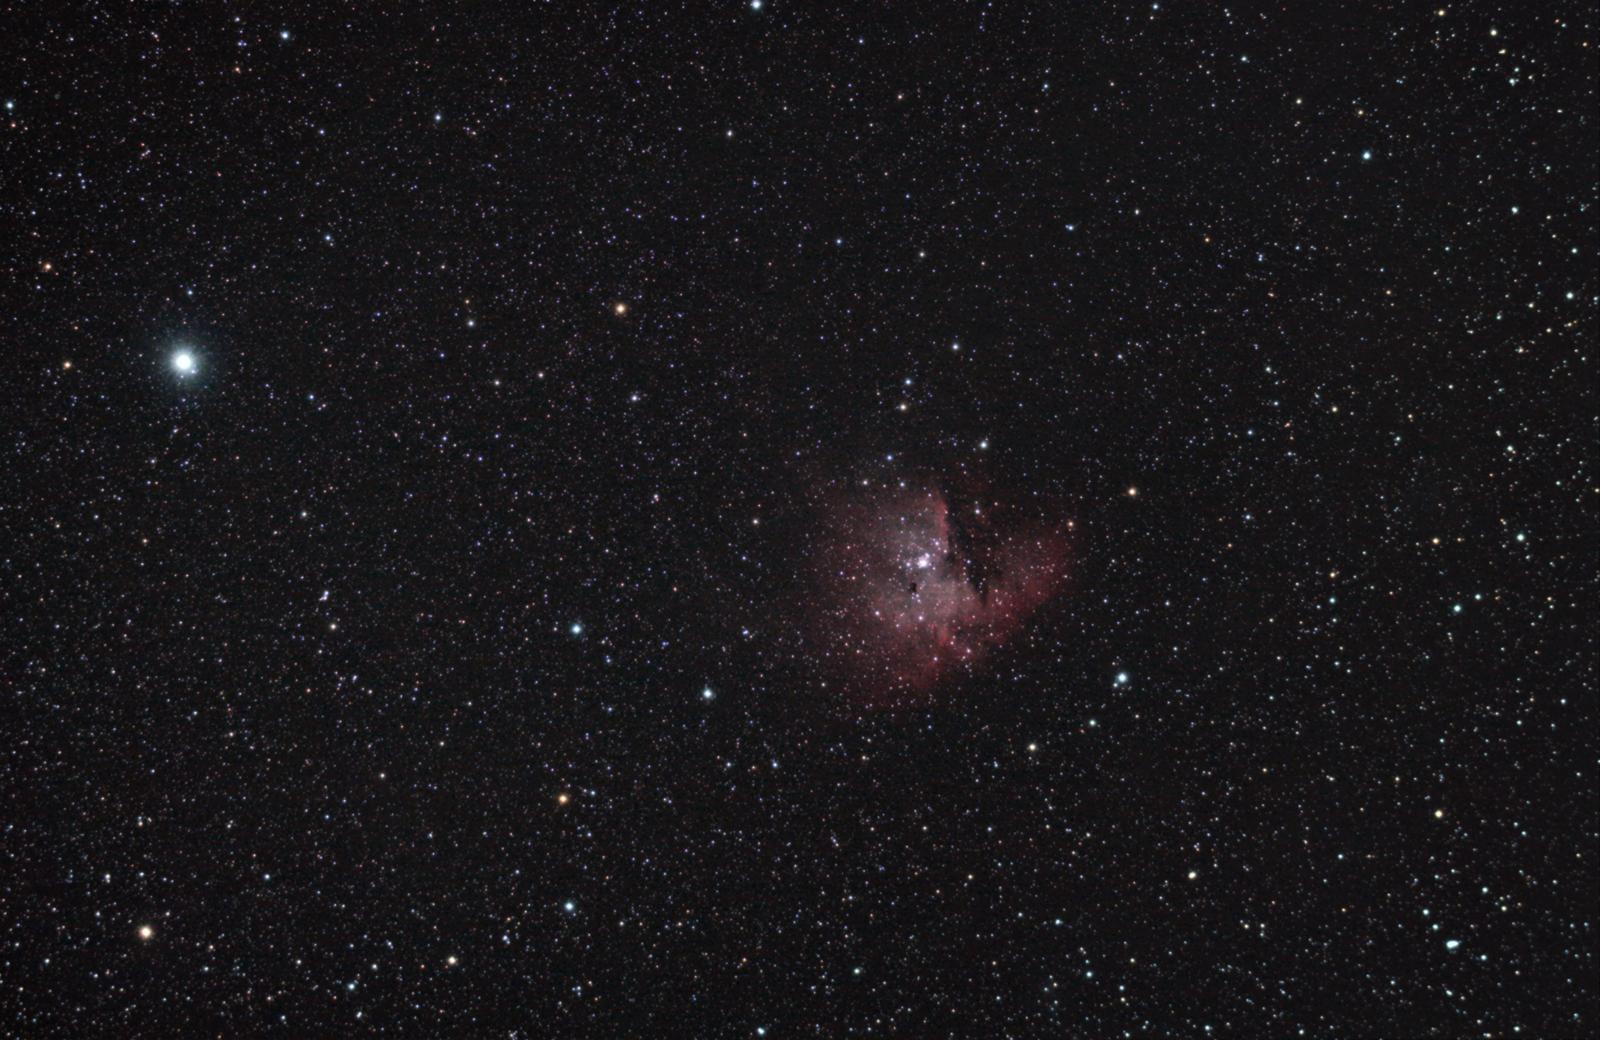 pacman nebula - photo #11